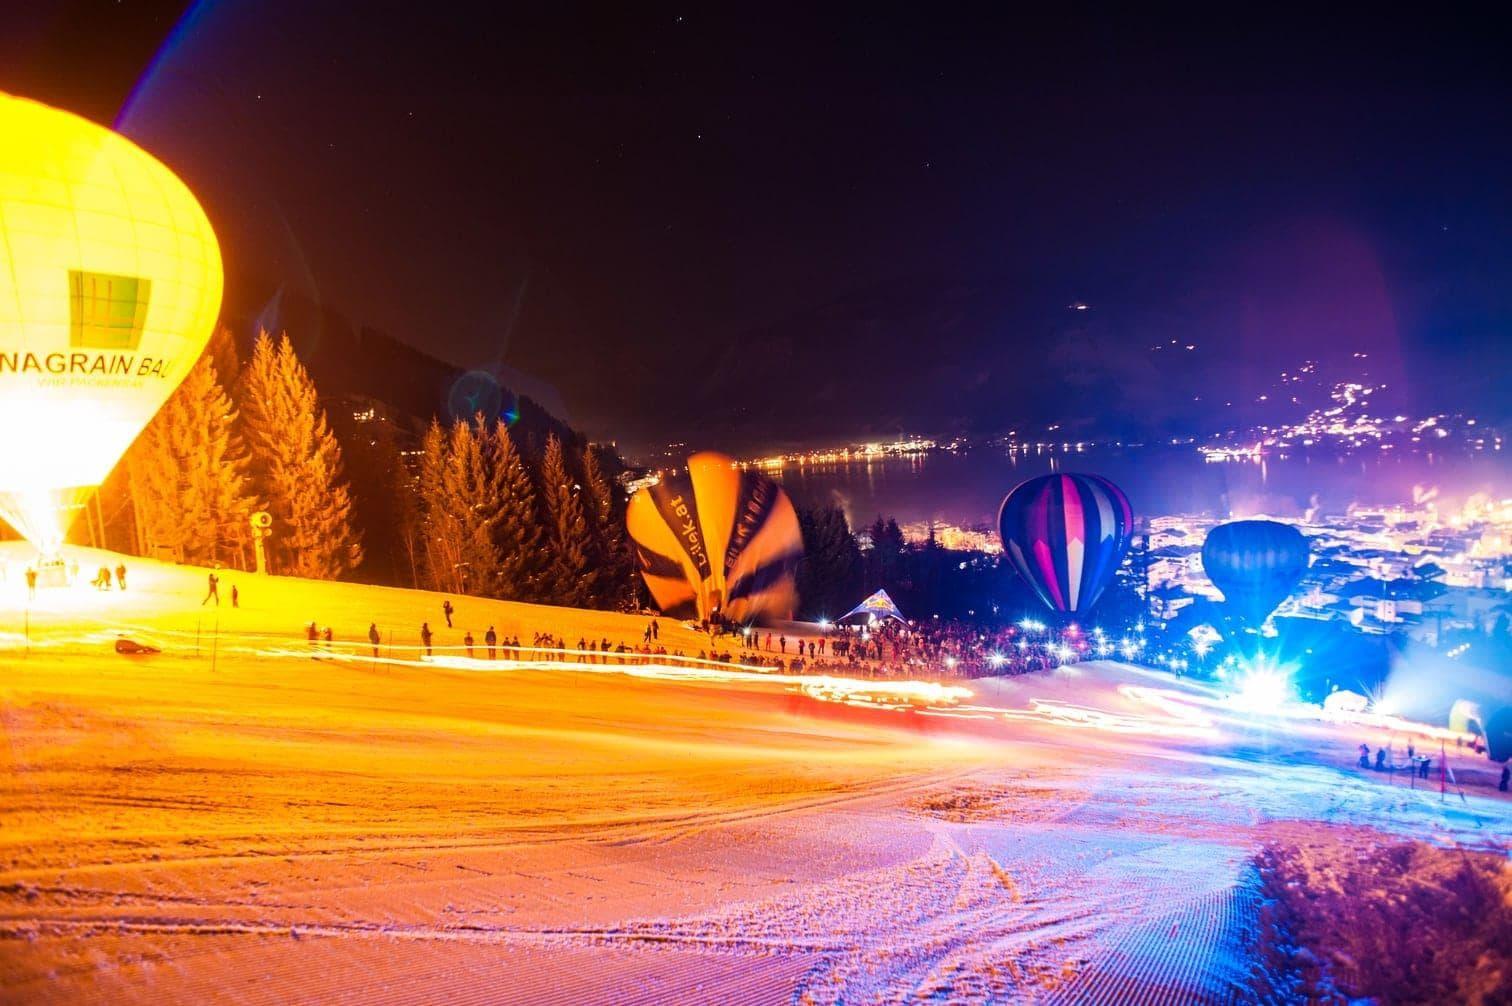 <p><strong>Österreich: Zell am See-Kaprun – romantische Heißluftballon-Fahrt bei Nacht</strong></p>